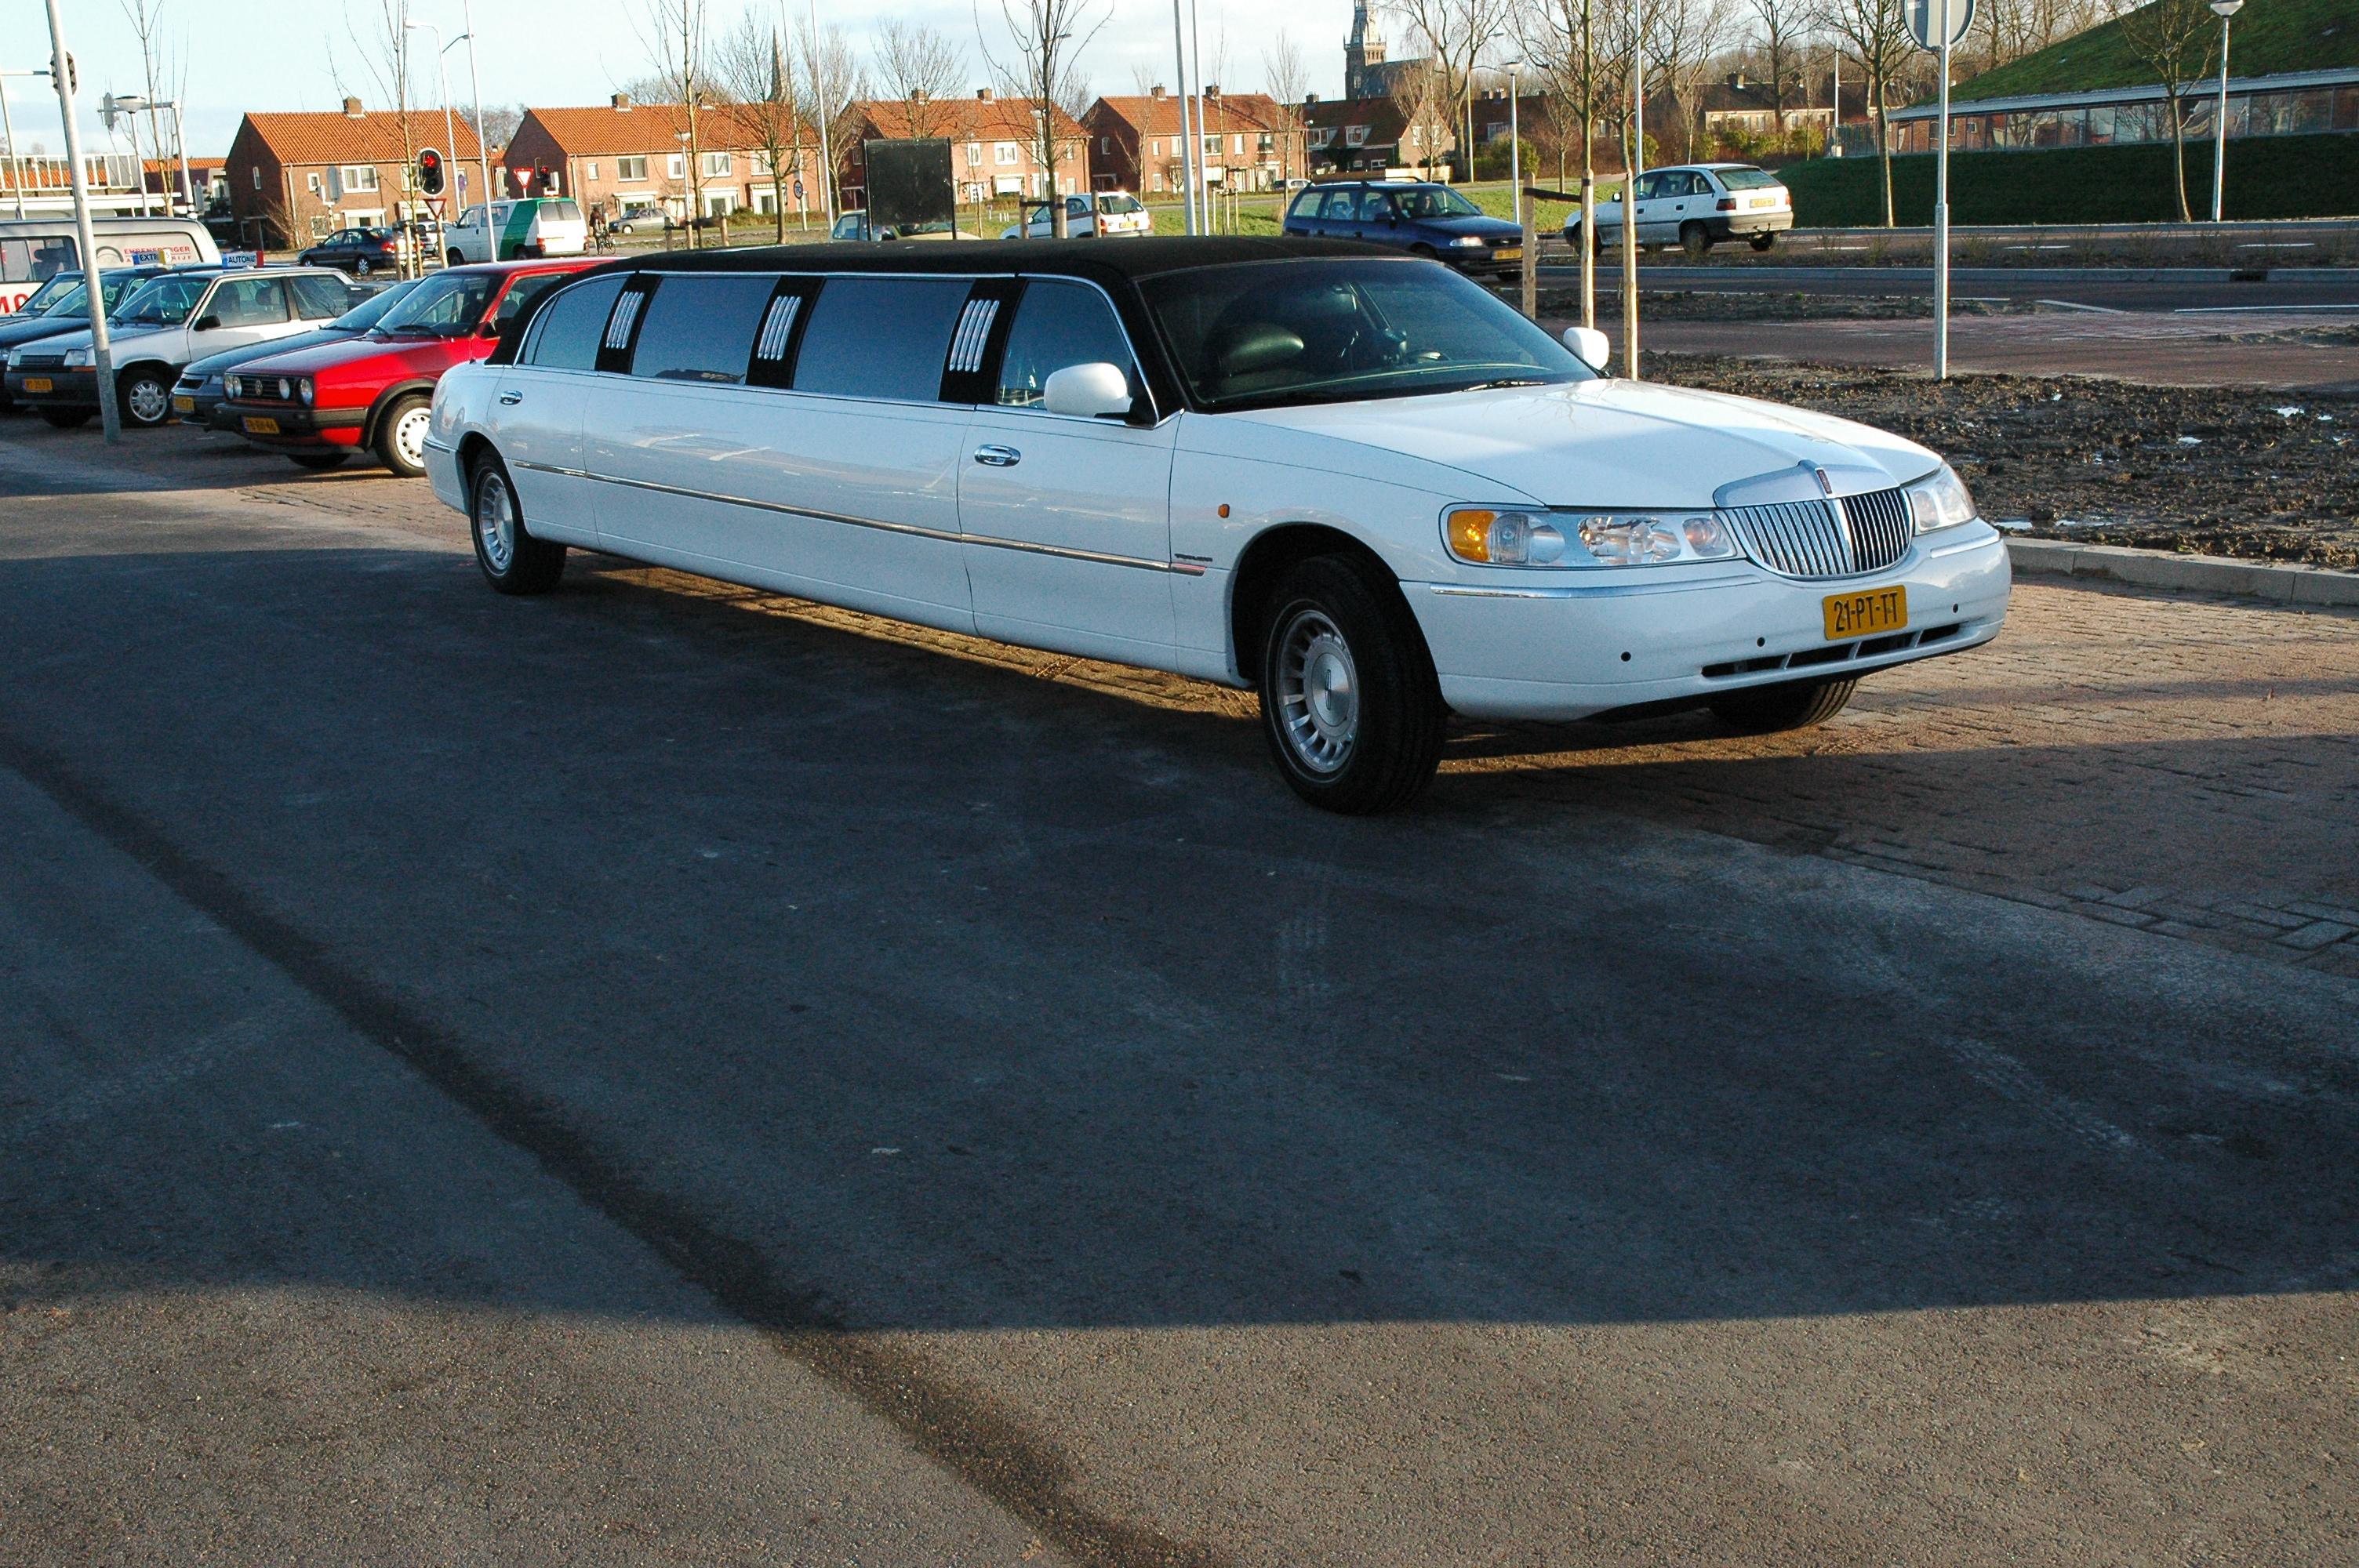 limousine Personenauto